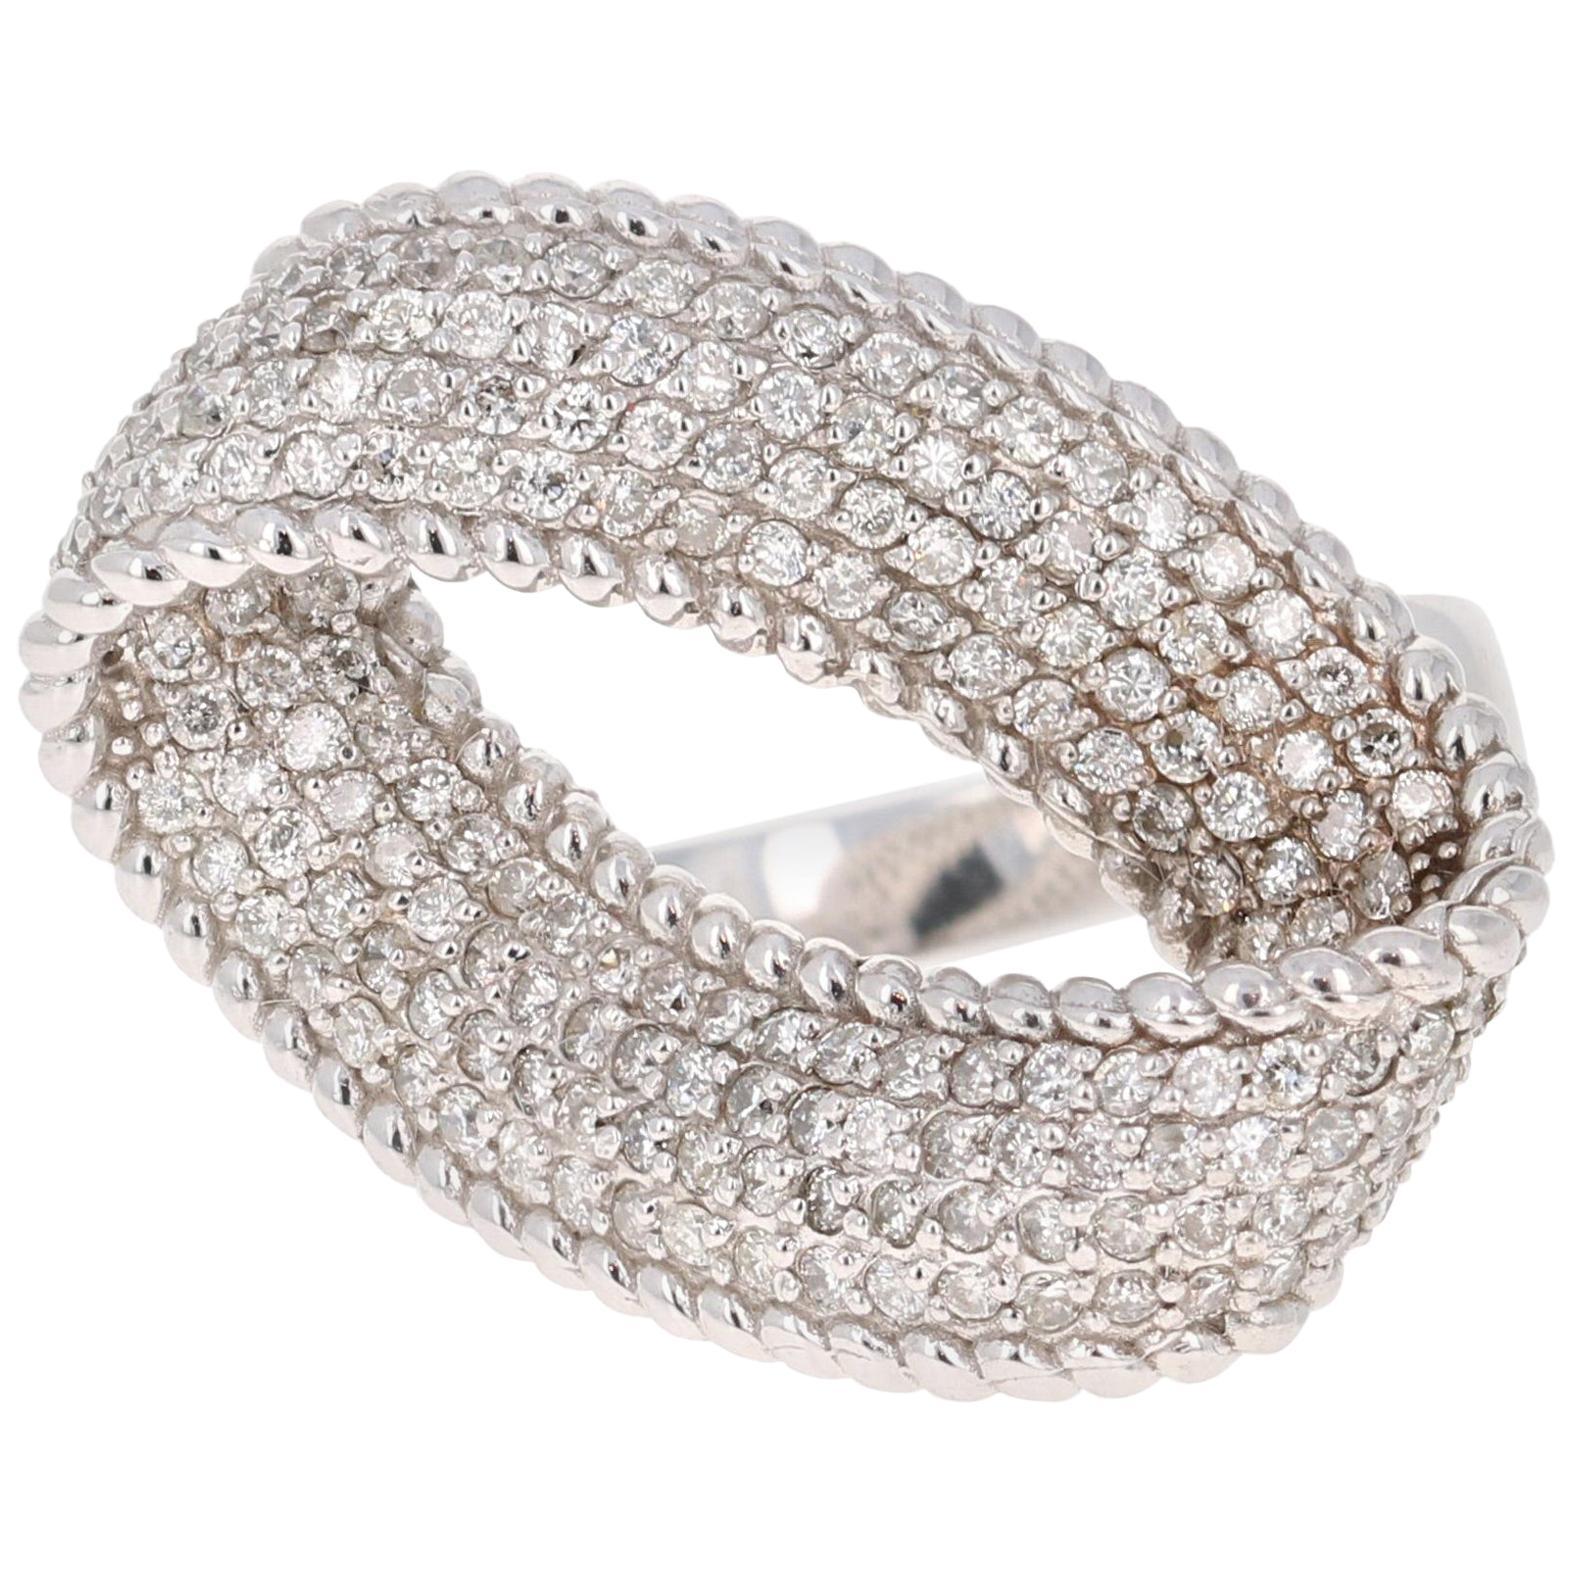 1.16 Carat Diamond 14 Karat White Gold Cocktail Ring